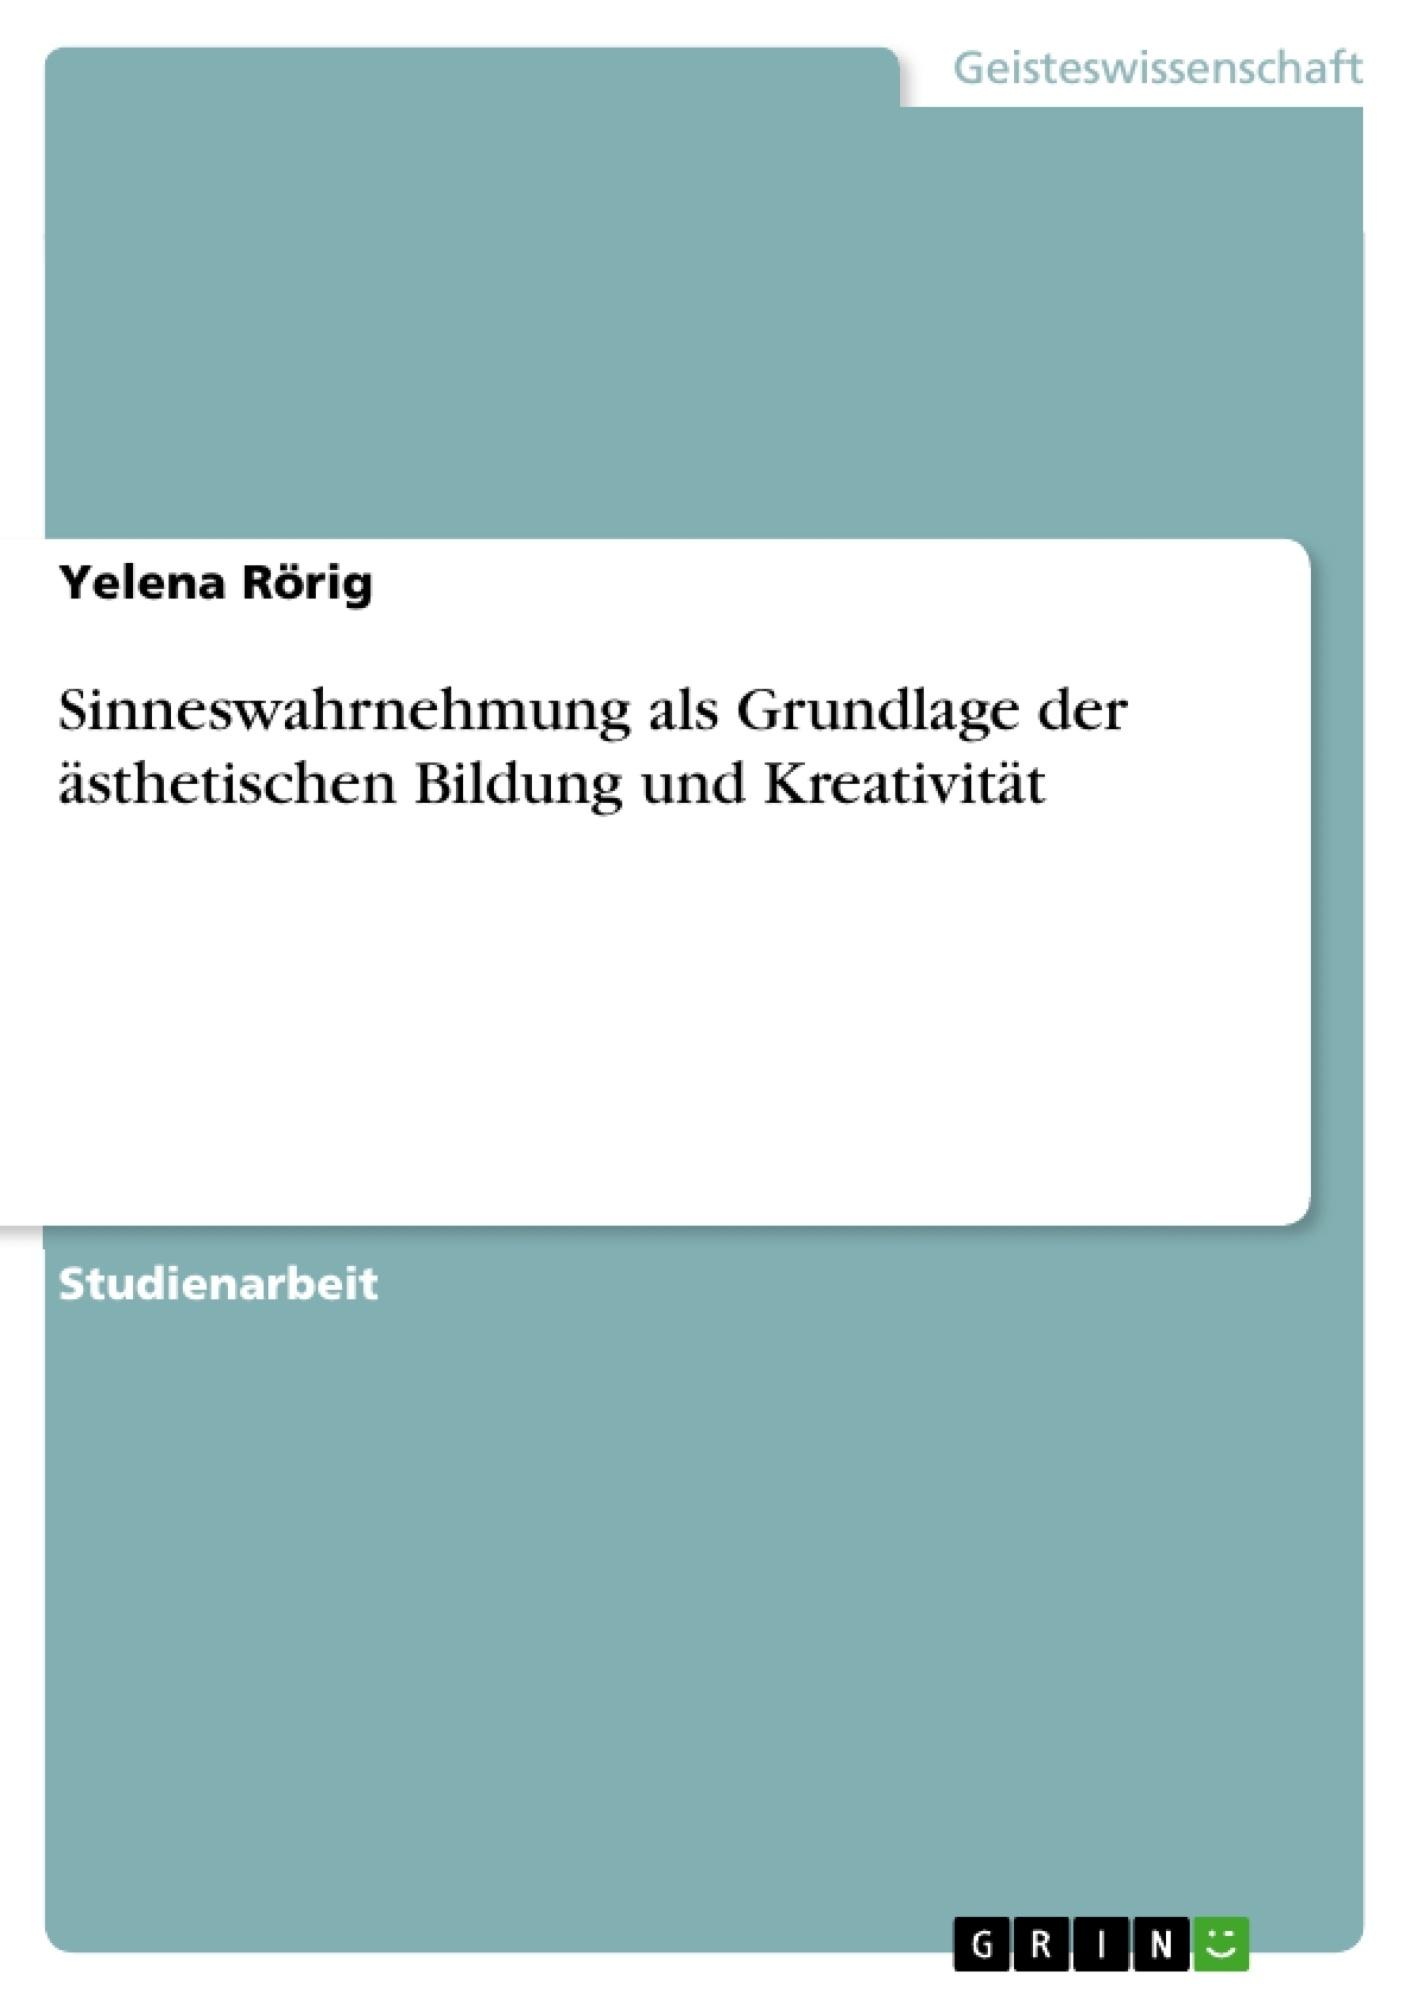 Titel: Sinneswahrnehmung als Grundlage der ästhetischen Bildung und Kreativität